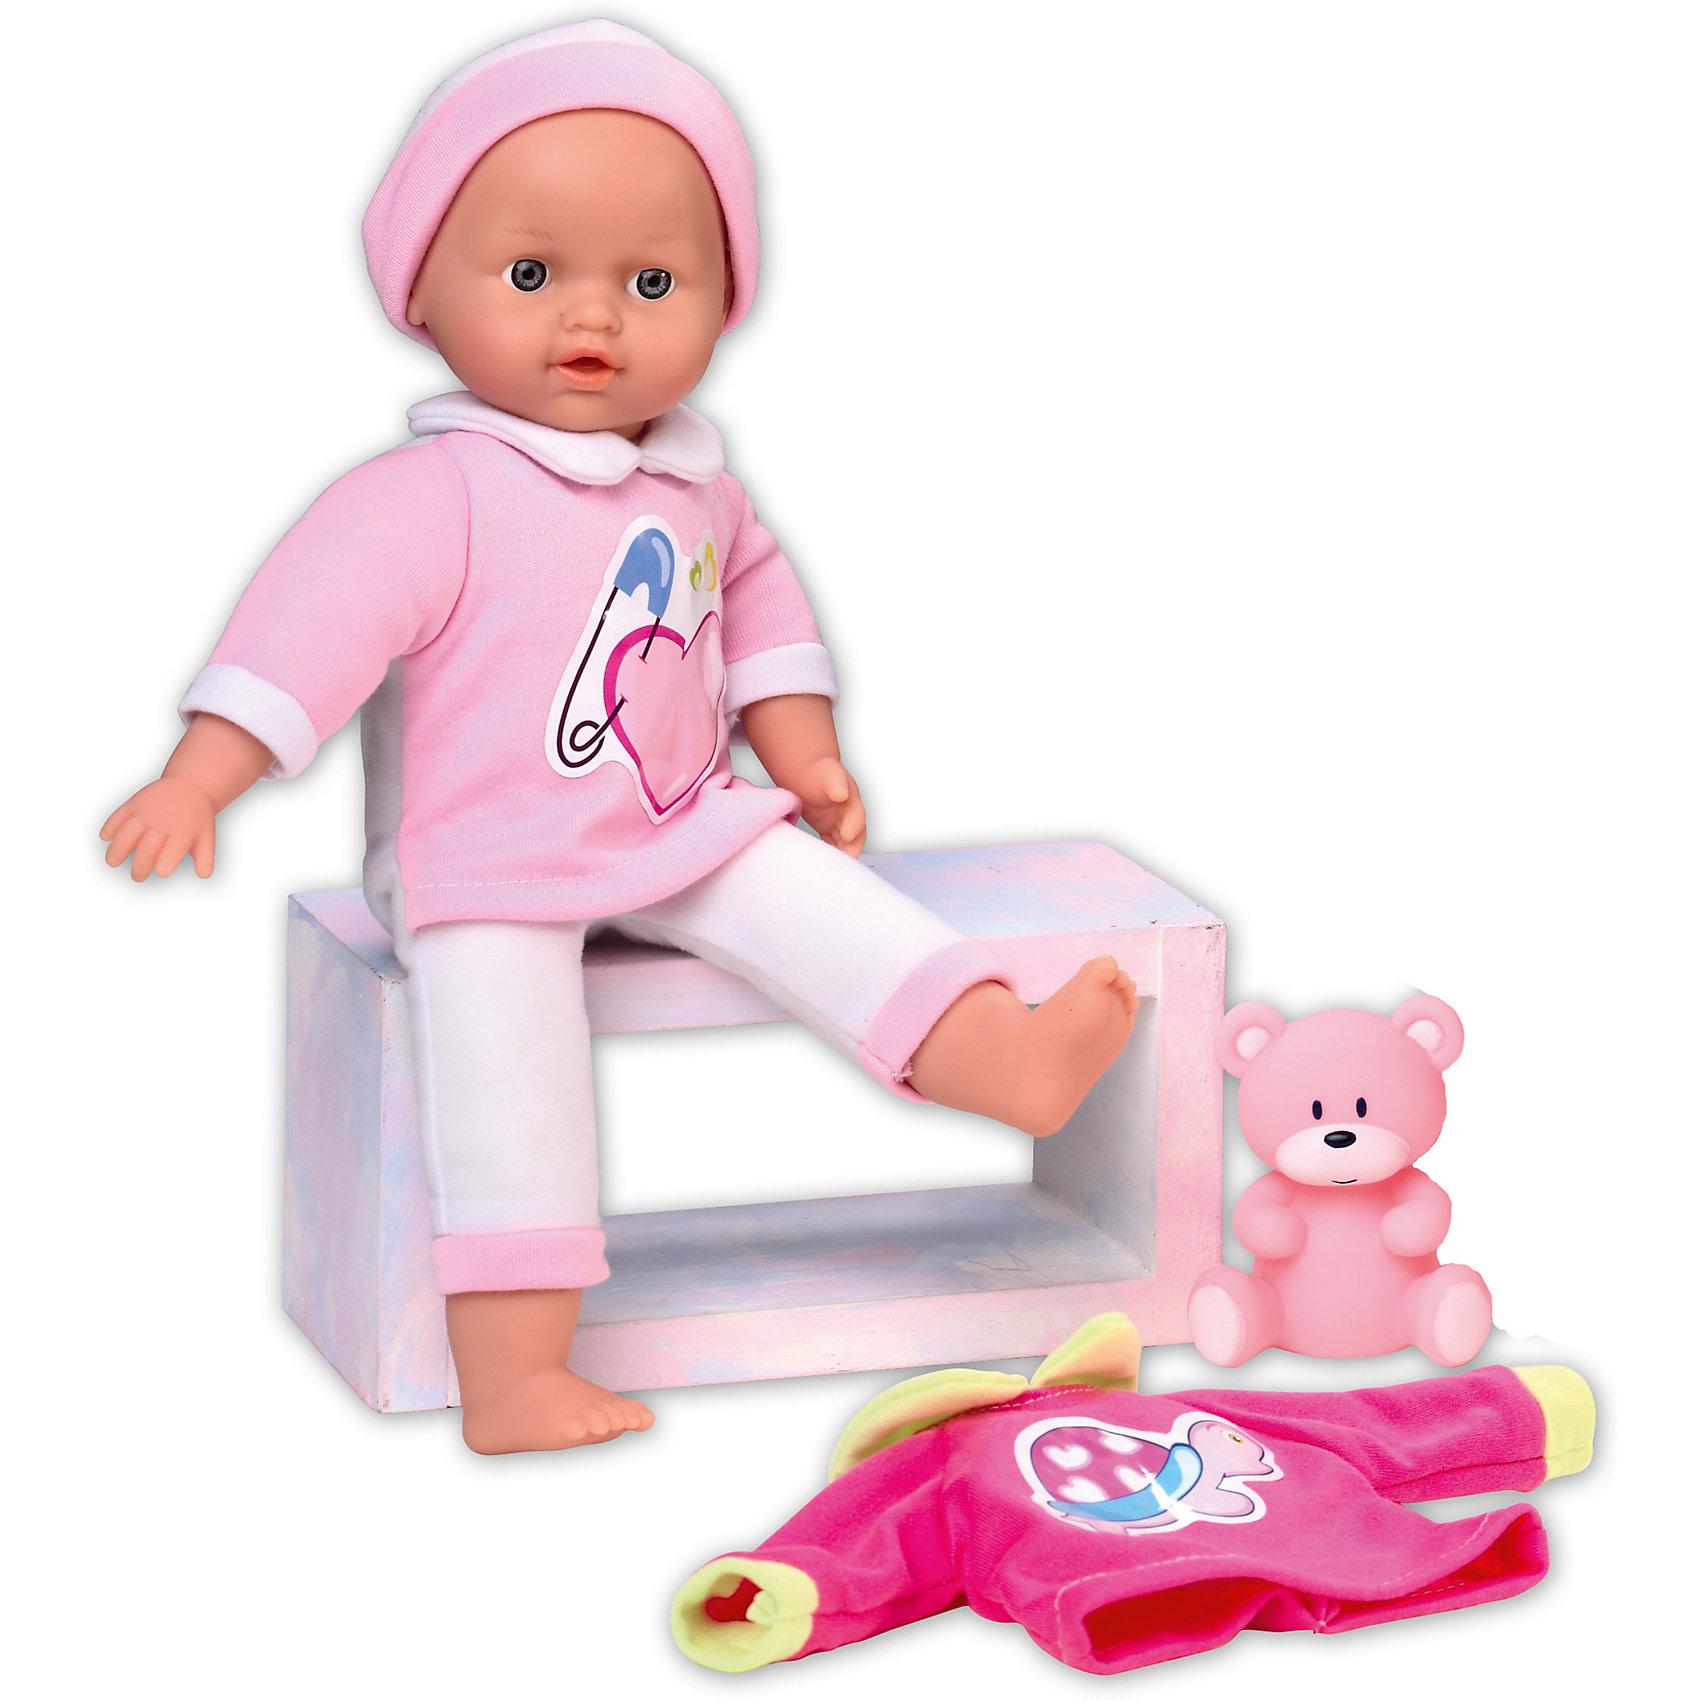 Кукла Tiny Baby подарочная, Loko ToysКуклы-пупсы<br>Характеристики товара:<br><br>• возраст: от 10 месяцев;<br>• материал: пластик, текстиль, ПВХ;<br>• в комплекте: кукла, футболка, фигурка медвежонка;<br>• высота куклы: 30 см;<br>• тип батареек: 3 батарейки LR44;<br>• наличие батареек: в комплекте;<br>• размер упаковки: 34х27х10,5 см;<br>• вес упаковки: 550 гр.;<br>• страна производитель: Китай;<br>• товар представлен в ассортименте, нет возможности выбрать конкретную расцветку.<br><br>Кукла «Tiny Baby» Loko Toys подарочная одета в розовый мягкий костюмчик и шапочку. В комплекте дополнительная футболочка с рисунком. Игра с куклой привьет девочке любовь, чувство ответственности, заботы и помощи окружающим. Нажав на животик, кукла начнет плакать, а маленькая заботливая мама может покачать пупса и успокоить.<br><br>Куклу «Tiny Baby» Loko Toys подарочную можно приобрести в нашем интернет-магазине.<br><br>Ширина мм: 270<br>Глубина мм: 105<br>Высота мм: 340<br>Вес г: 550<br>Возраст от месяцев: 10<br>Возраст до месяцев: 2147483647<br>Пол: Женский<br>Возраст: Детский<br>SKU: 6759065